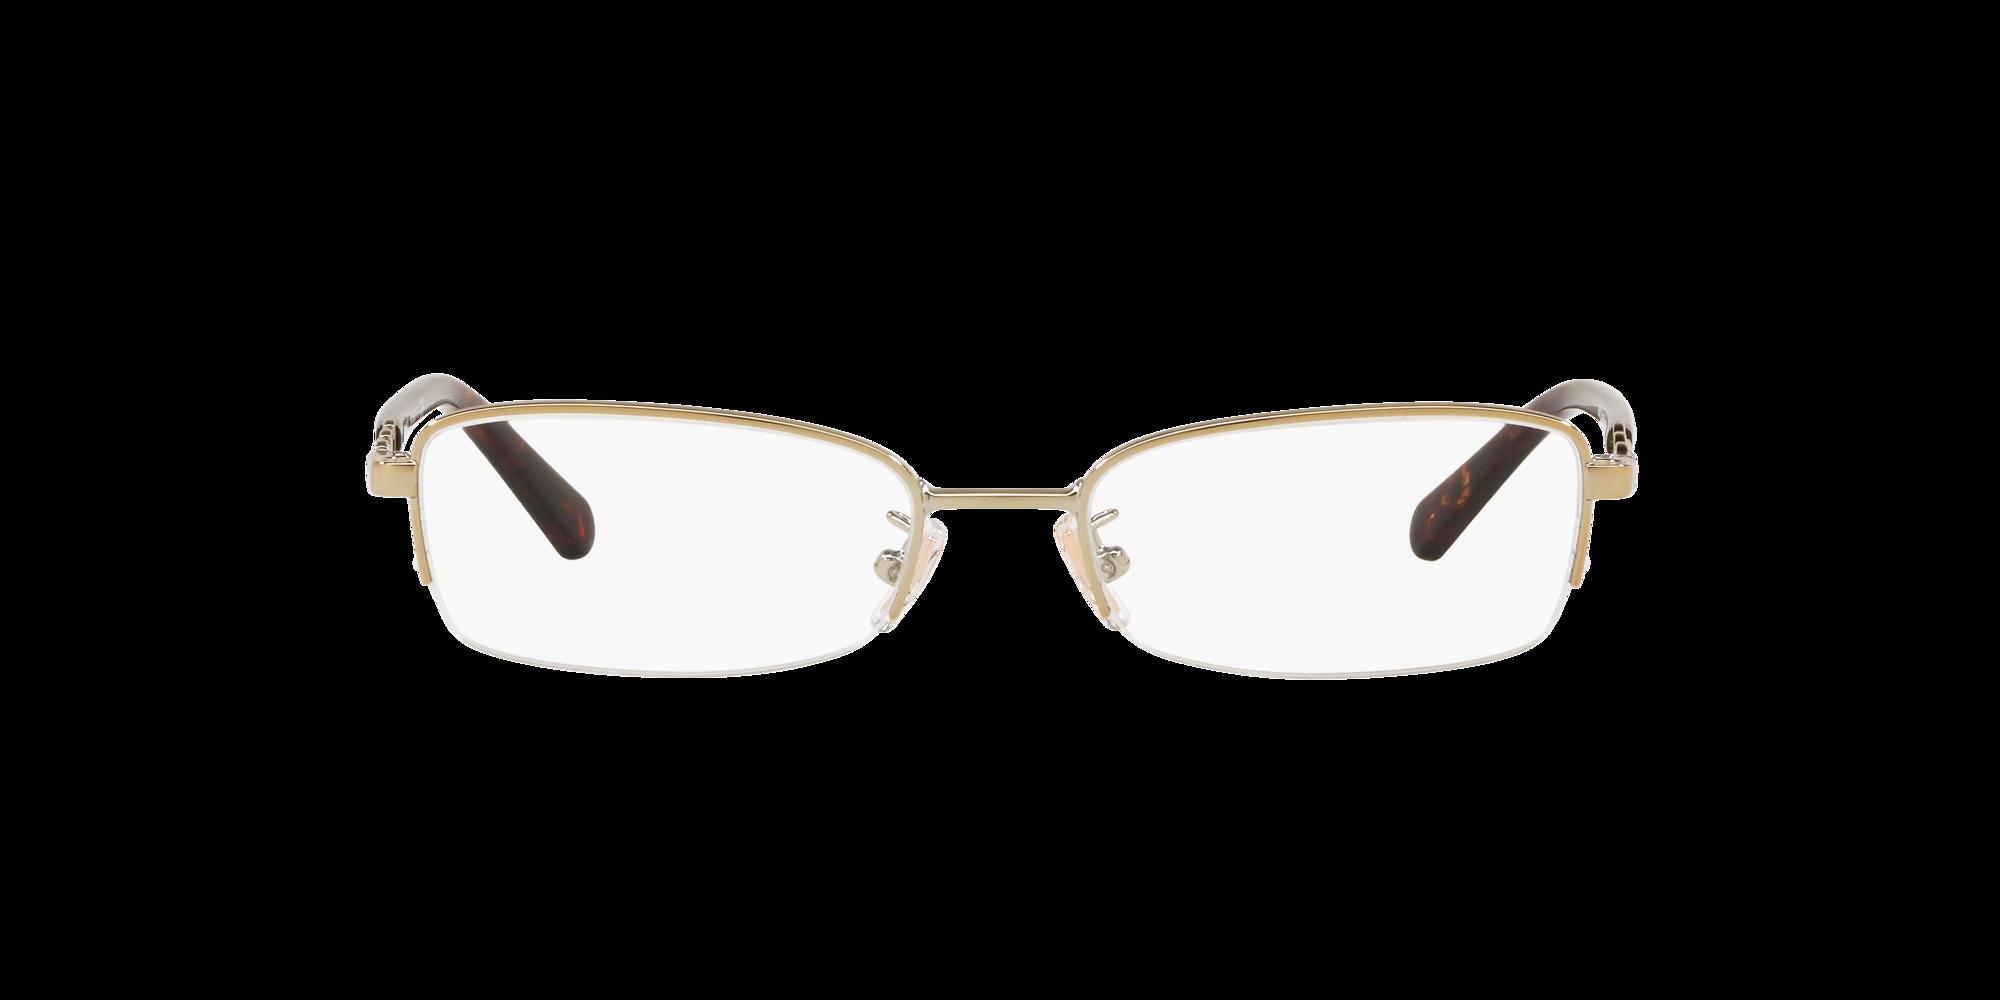 Imagen para HC5097 de LensCrafters |  Espejuelos, espejuelos graduados en línea, gafas